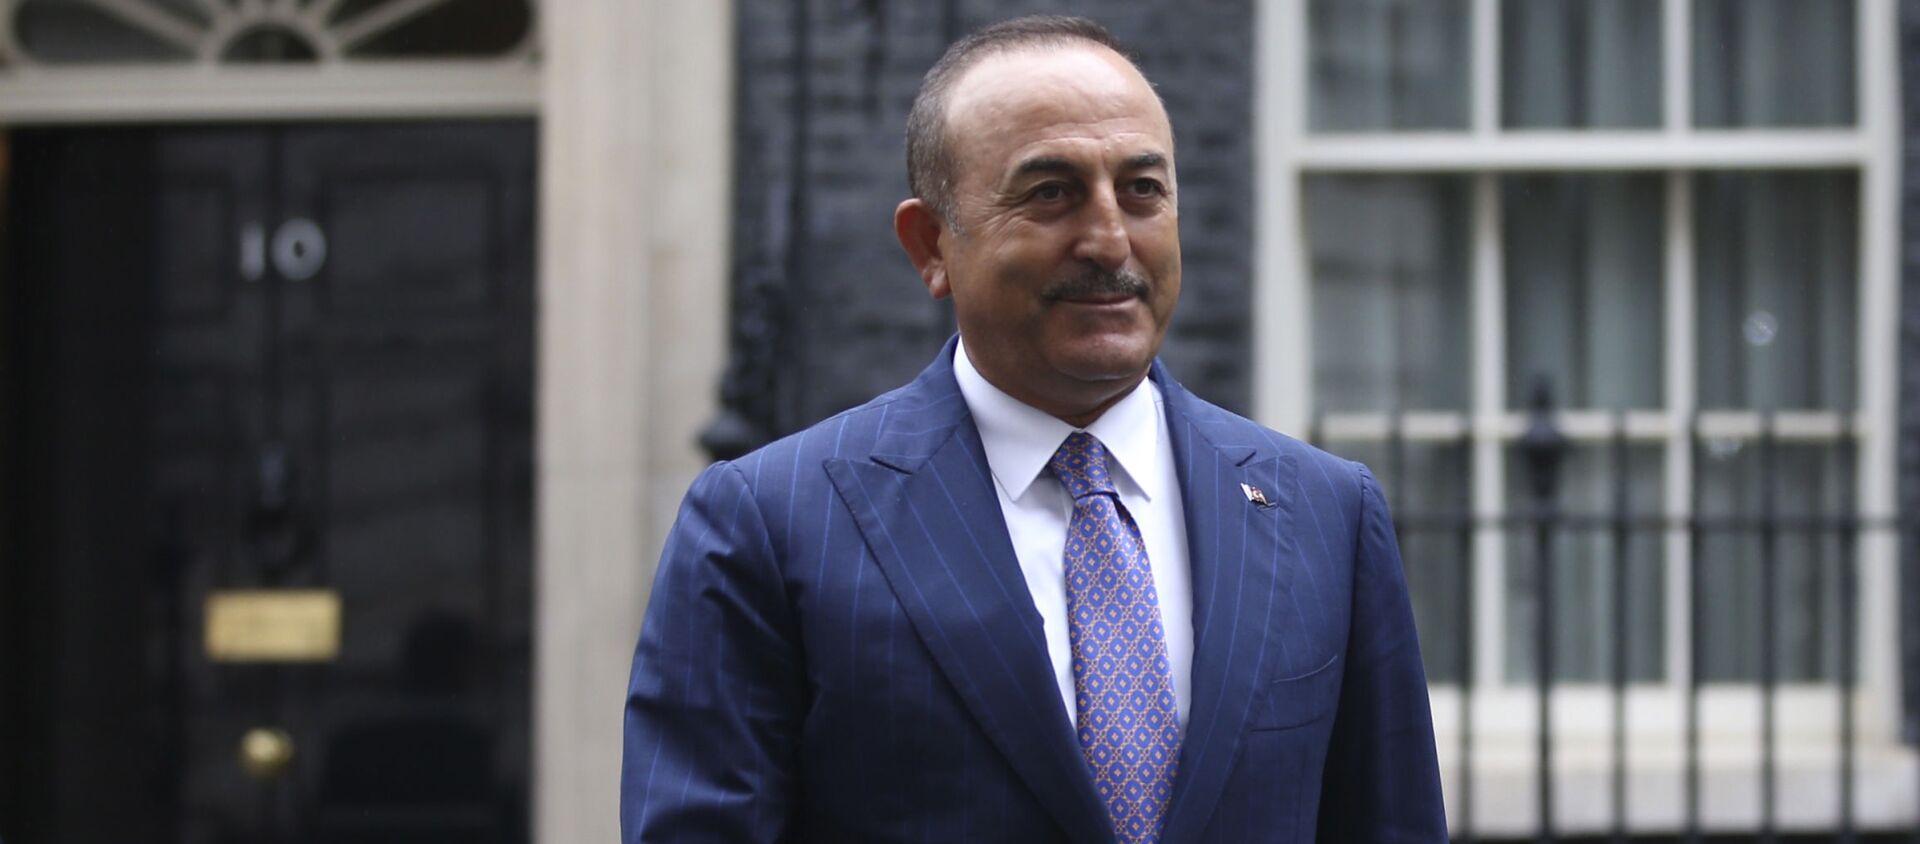 Министр иностранных дел Турции Мевлют Чавушоглу, фото из архива - Sputnik Азербайджан, 1920, 23.04.2021